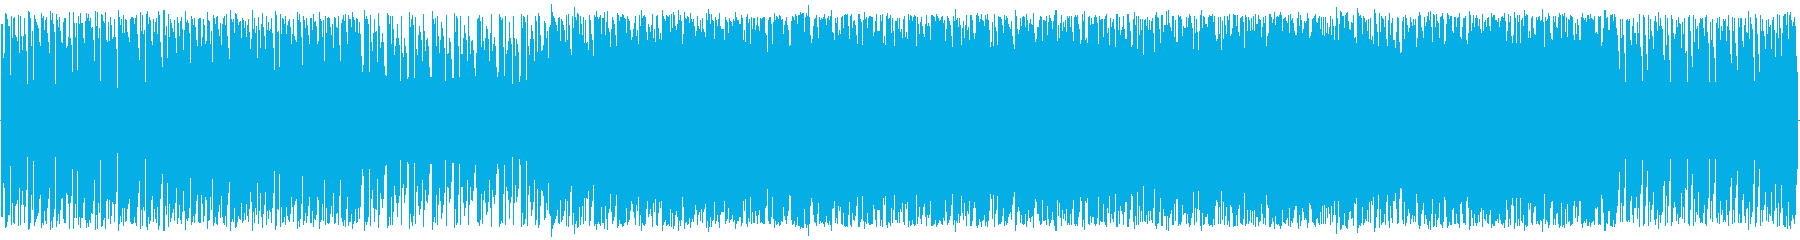 グルービーなテクノの再生済みの波形